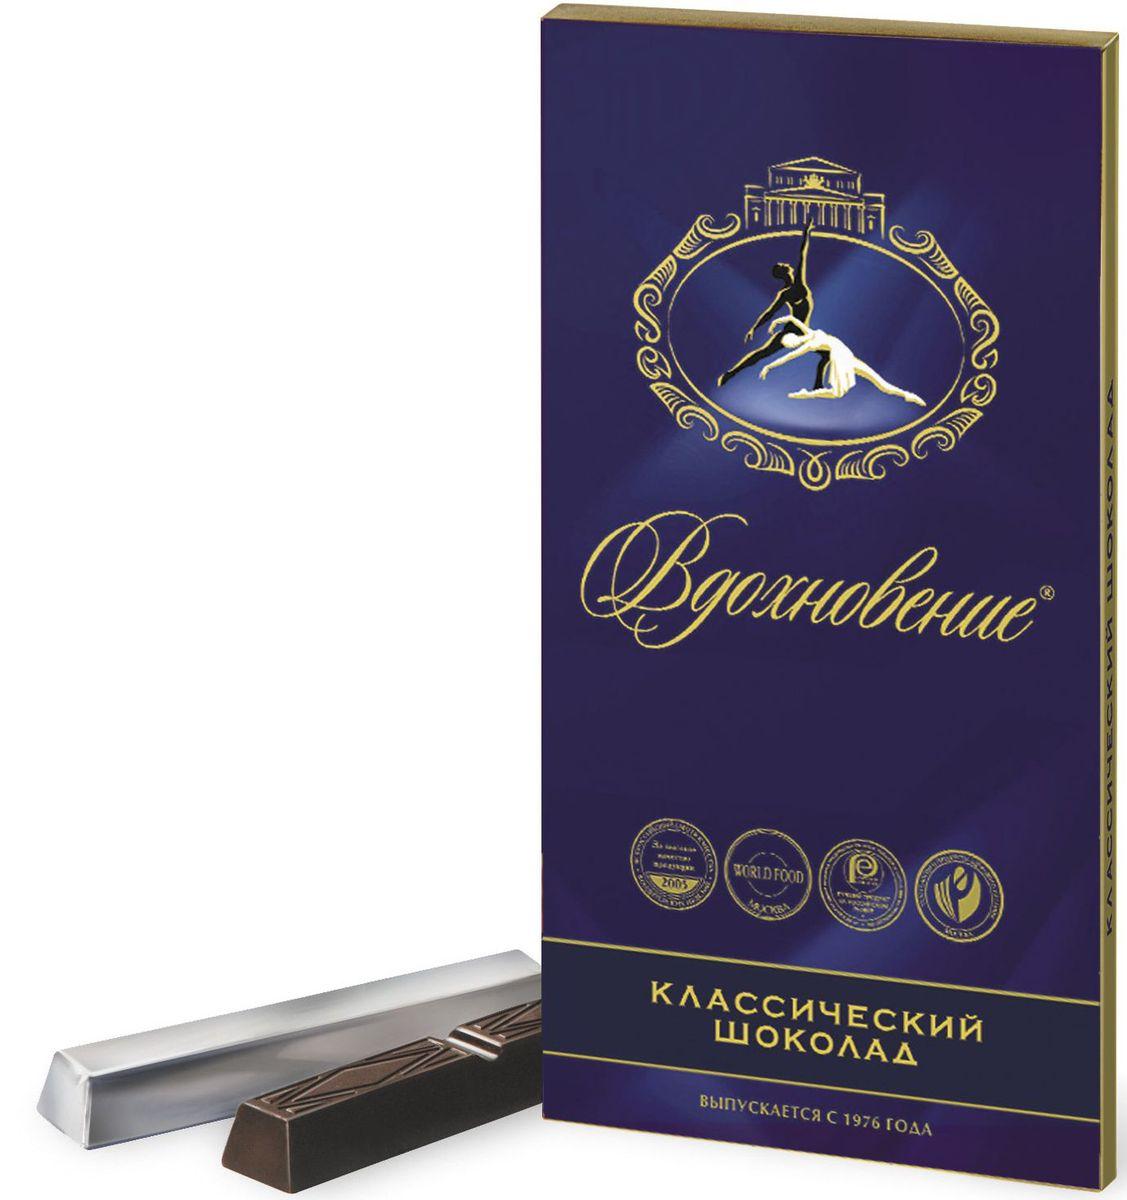 Бабаевский Вдохновение классический горький шоколад, 100 г0120710Гордость бренда Бабаевский - высококачественный темный шоколад, созданный с использованием отборных какао бобов и какао масла.